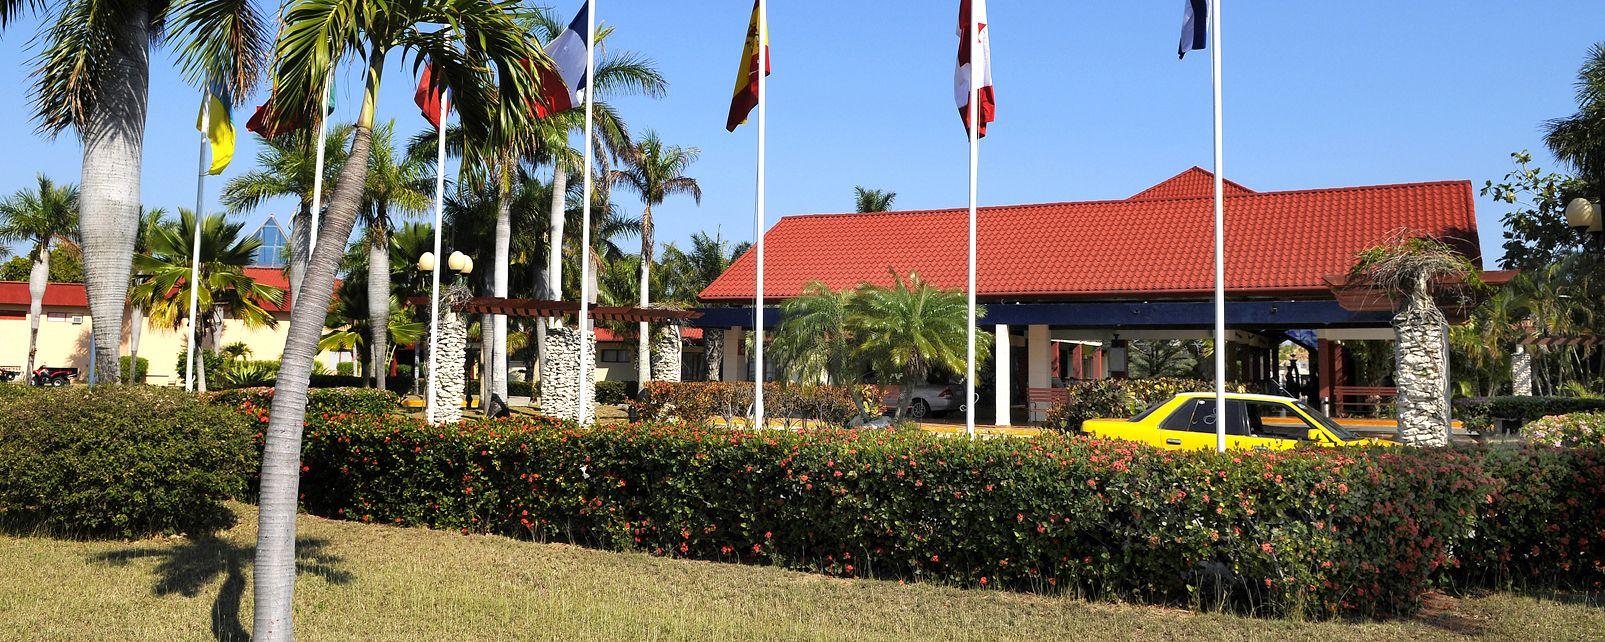 Hôtel Iberostar Mojito